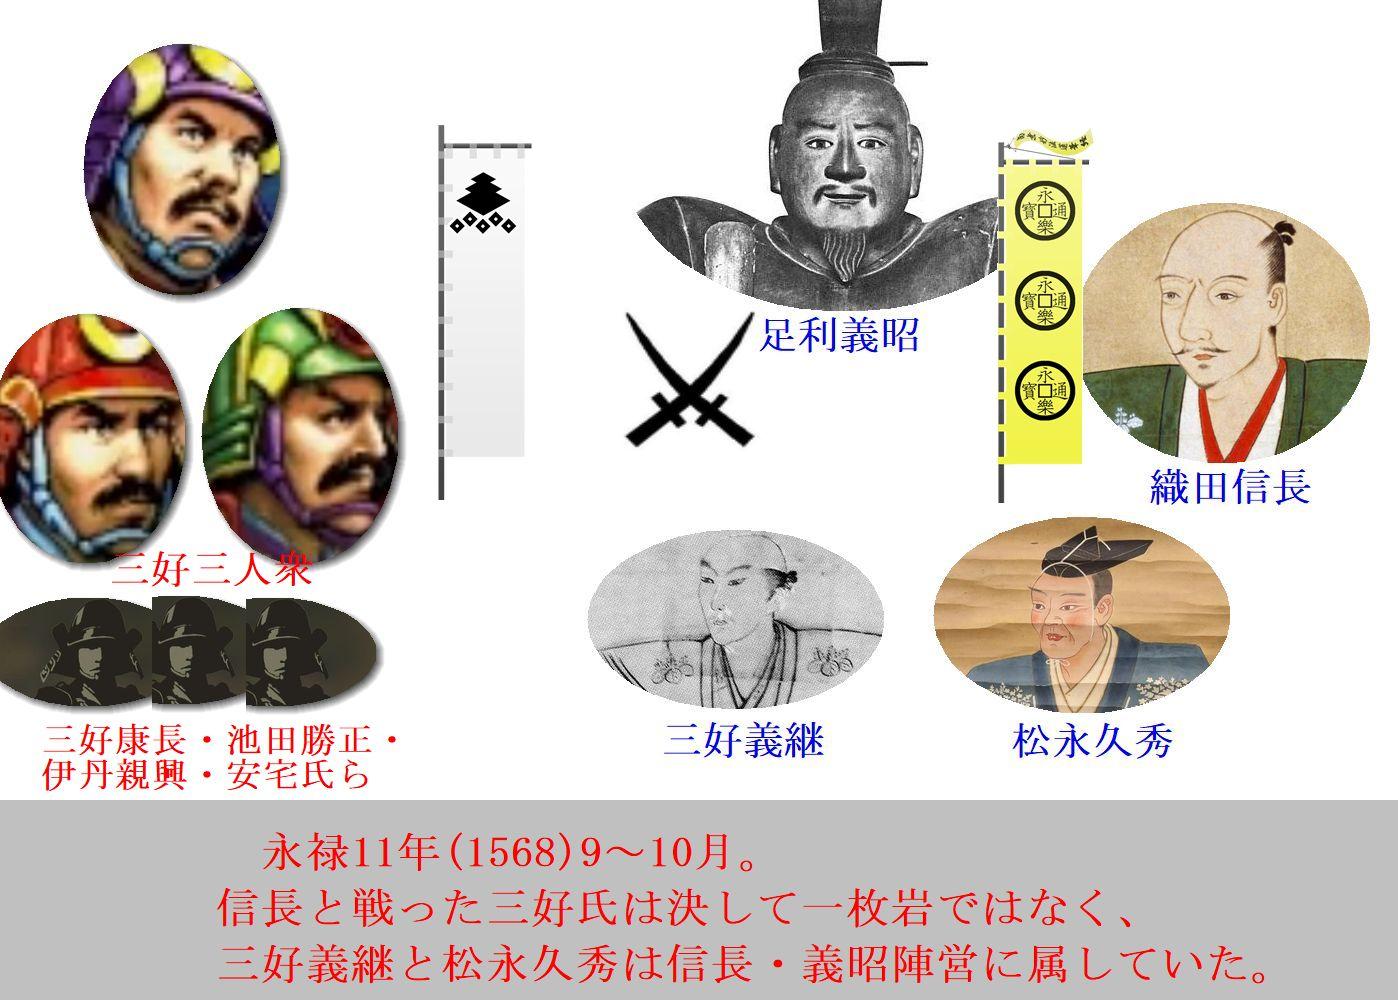 永禄11年(1568)信長上洛時の情勢